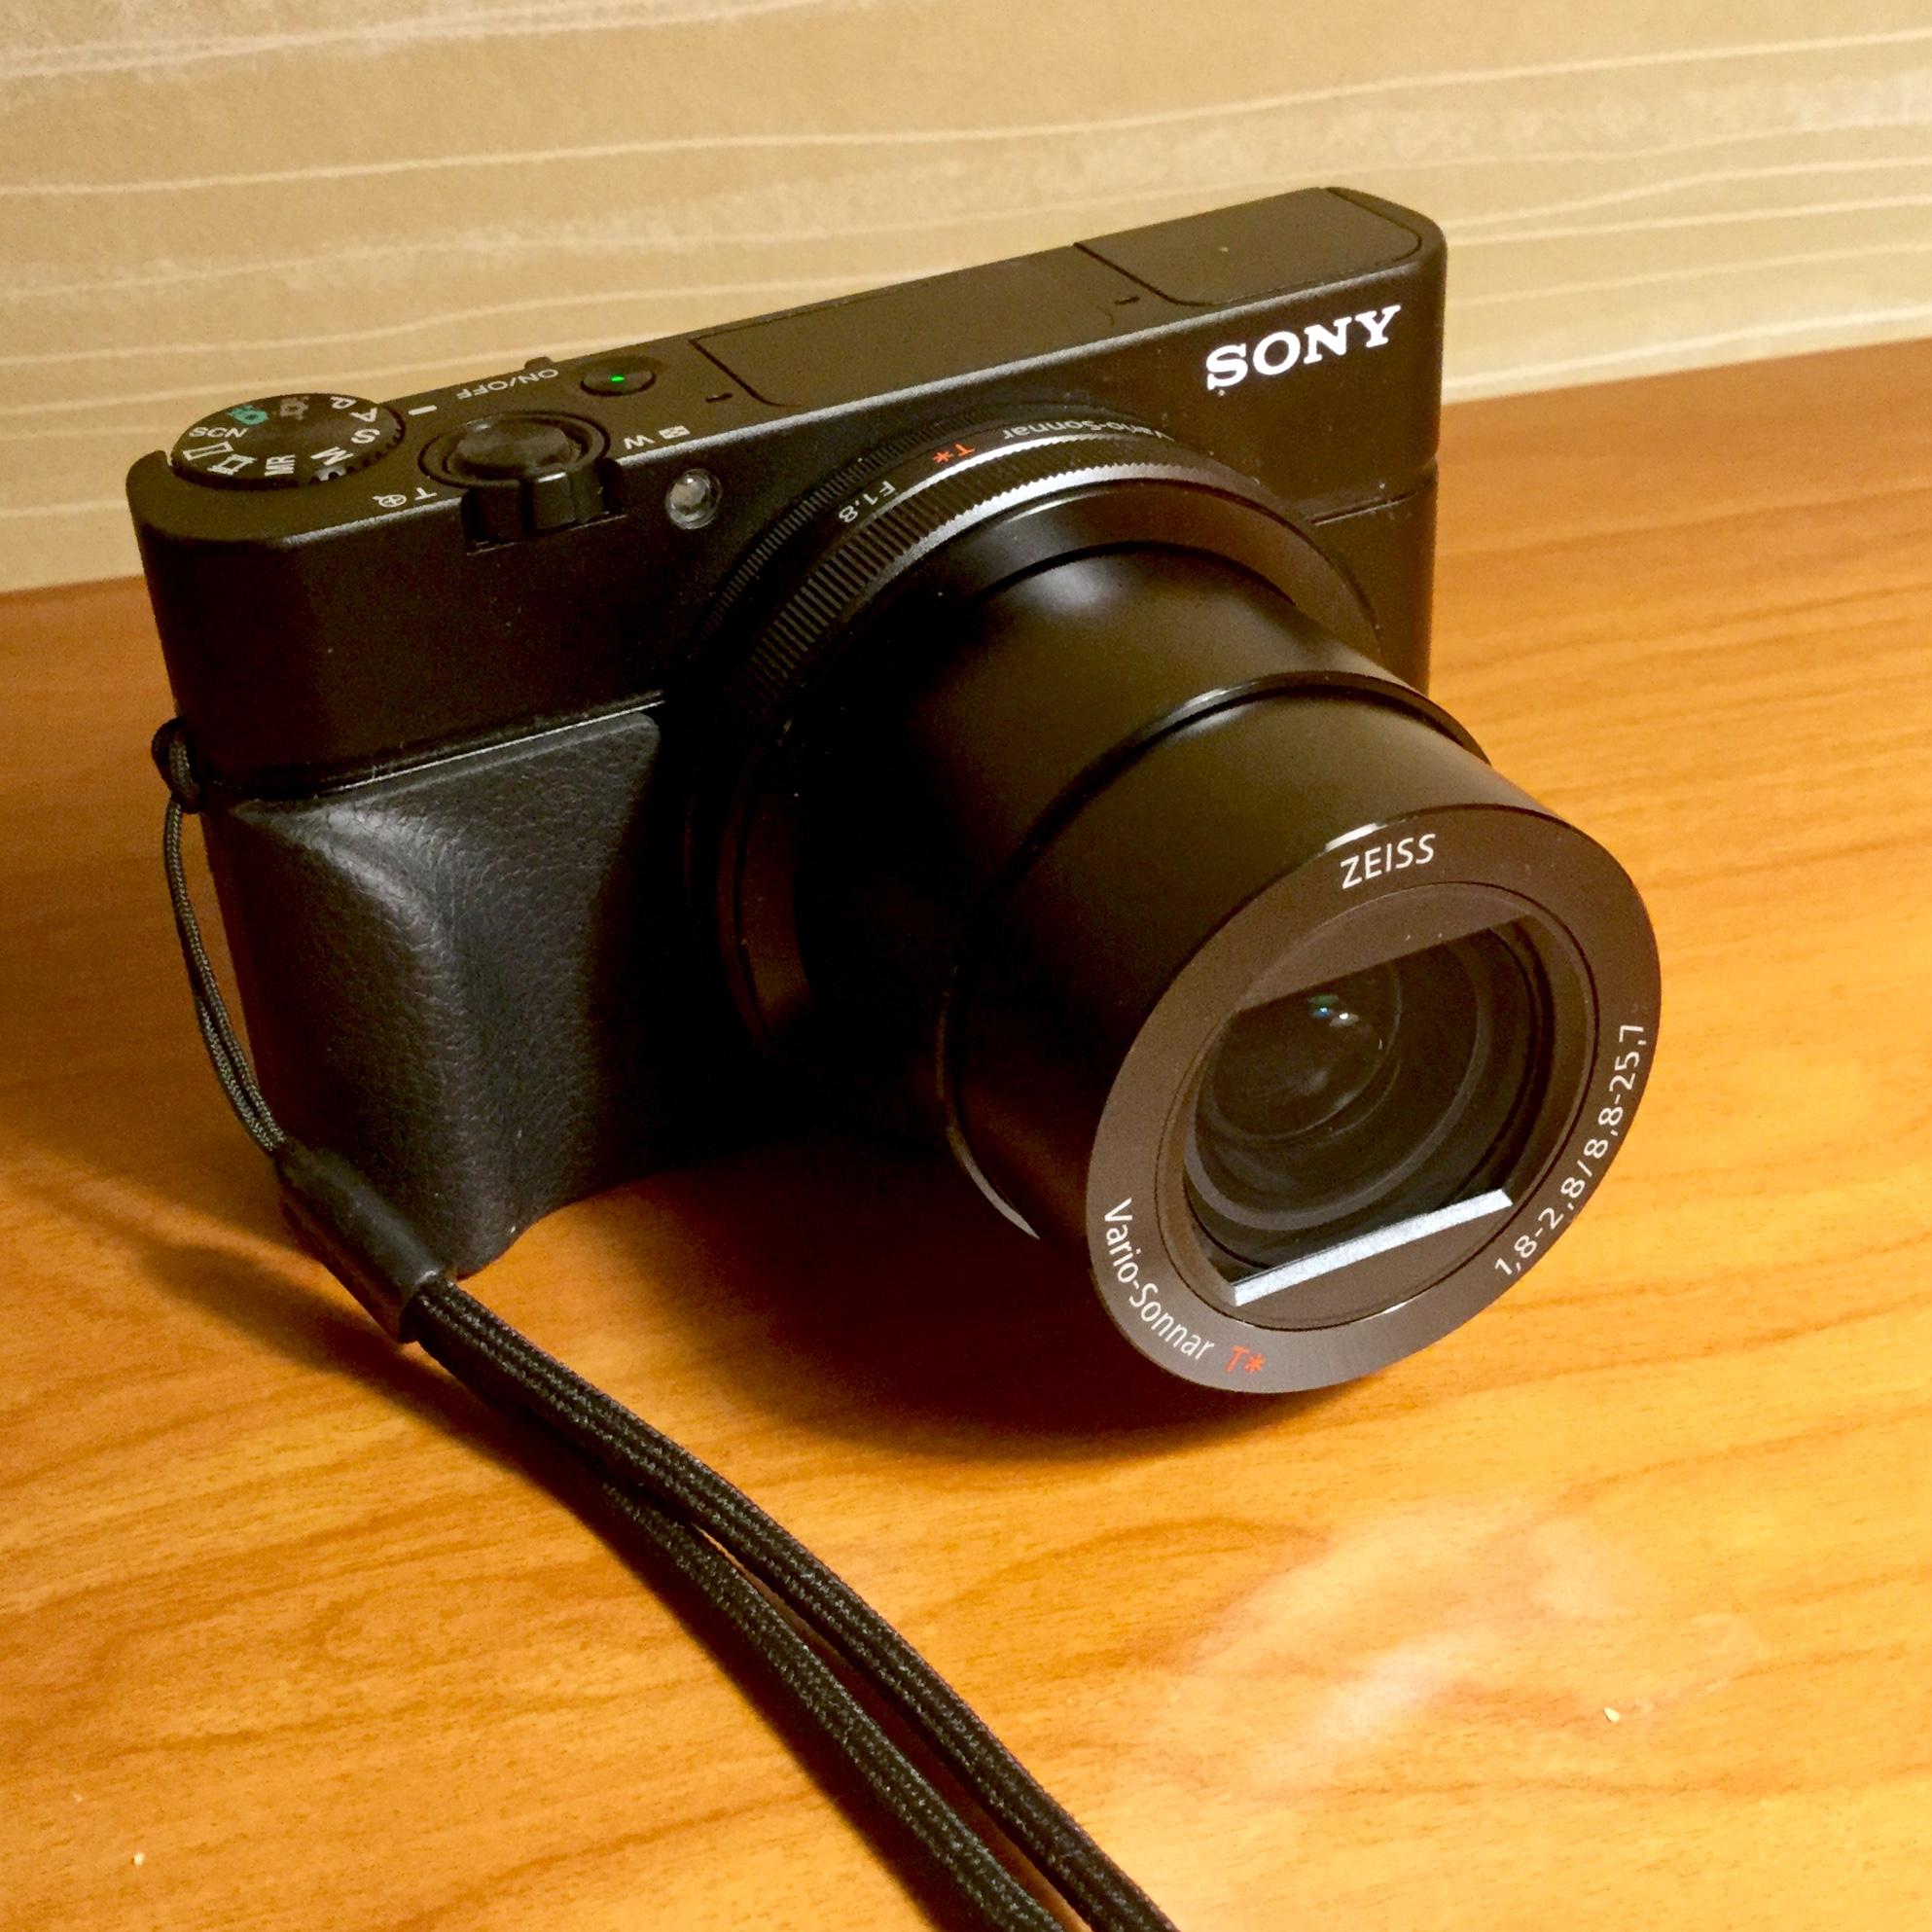 Sony RX100 Mk III